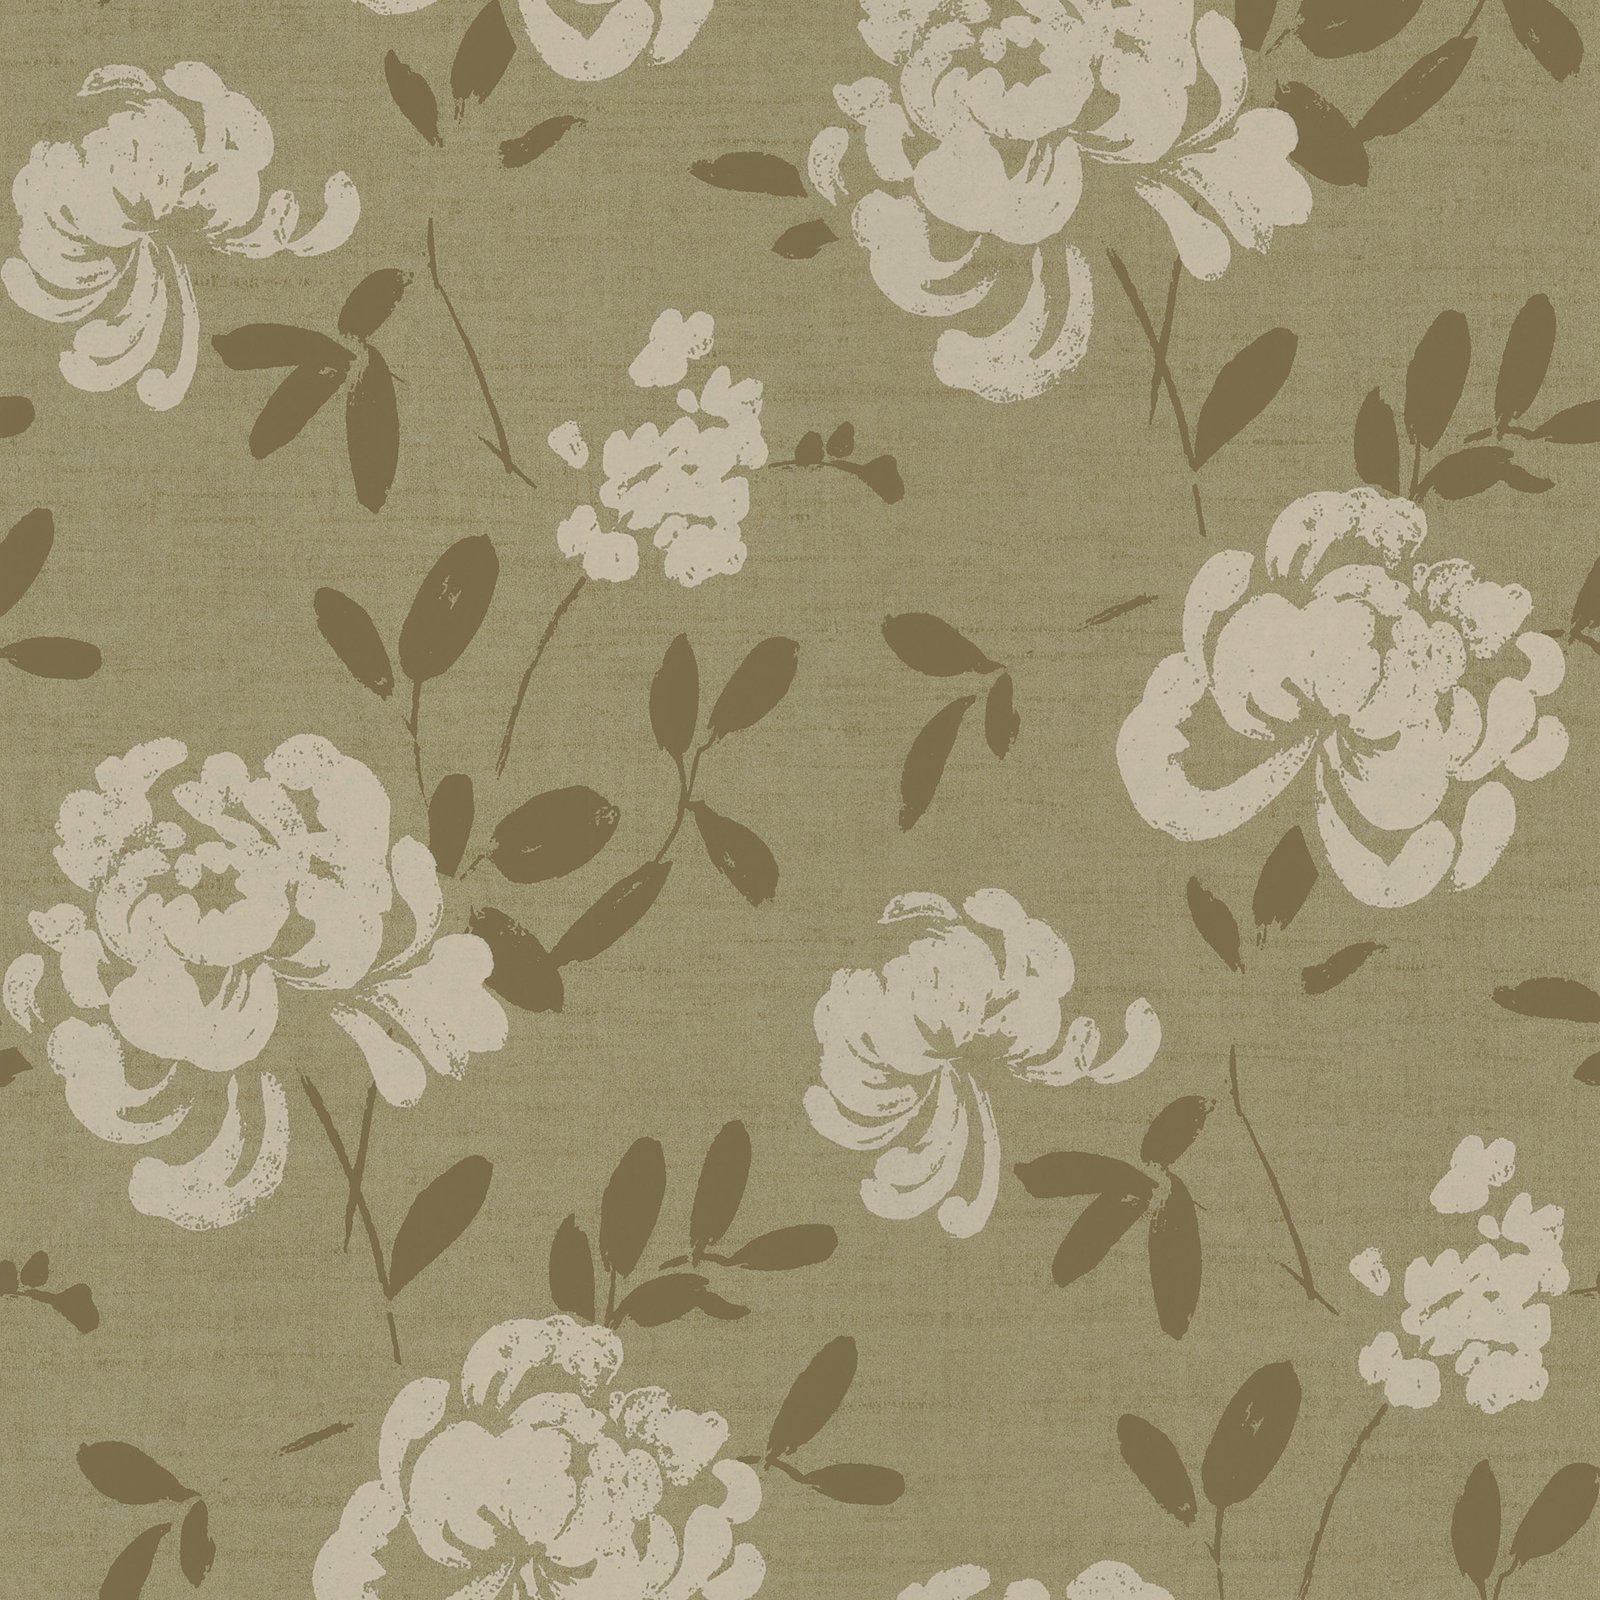 Kenneth James Madoka Japanese Floral Wallpaper Floral Wallpaper